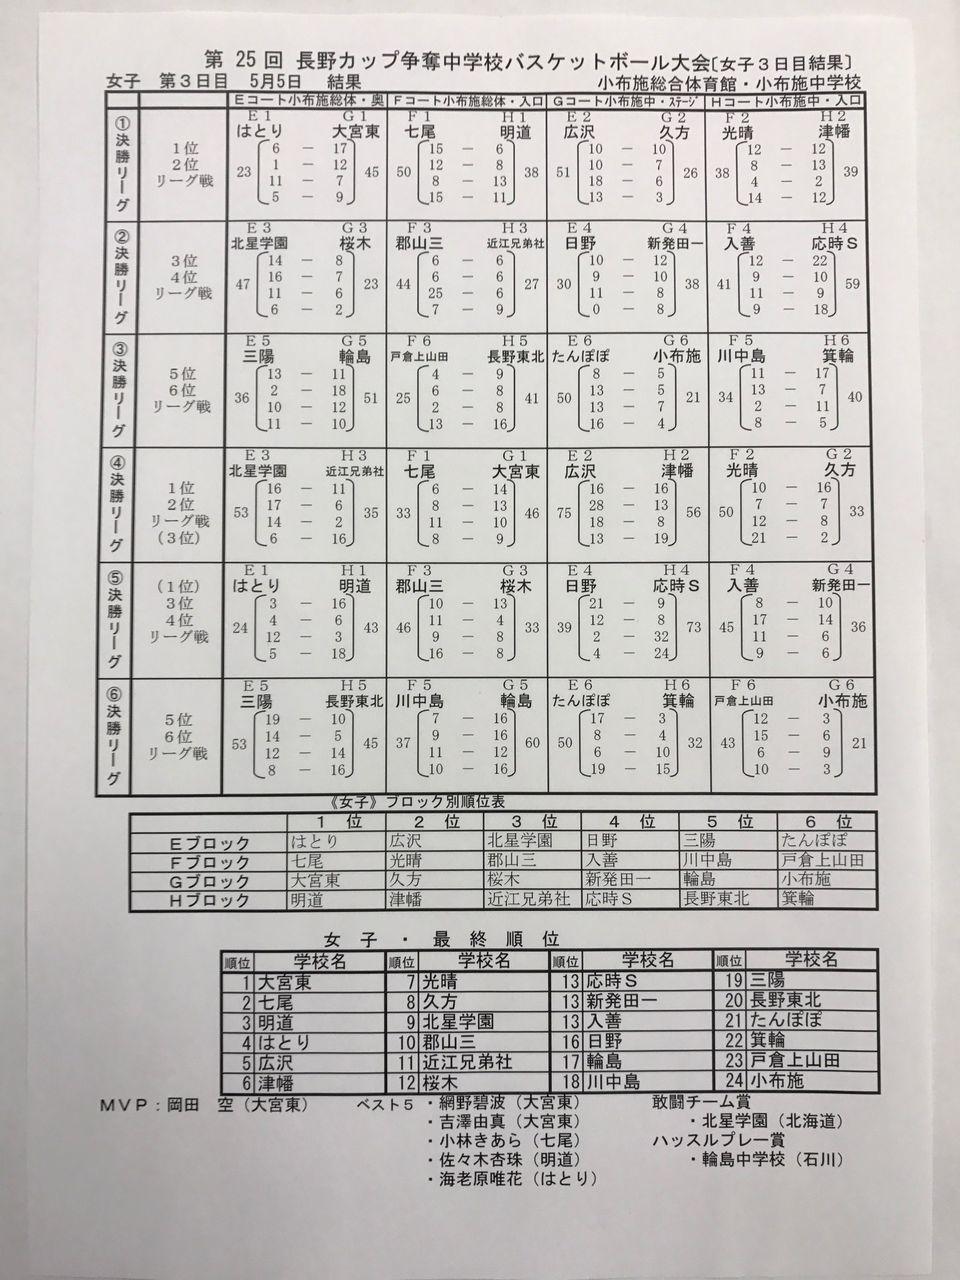 25回長野カップ結果 女子